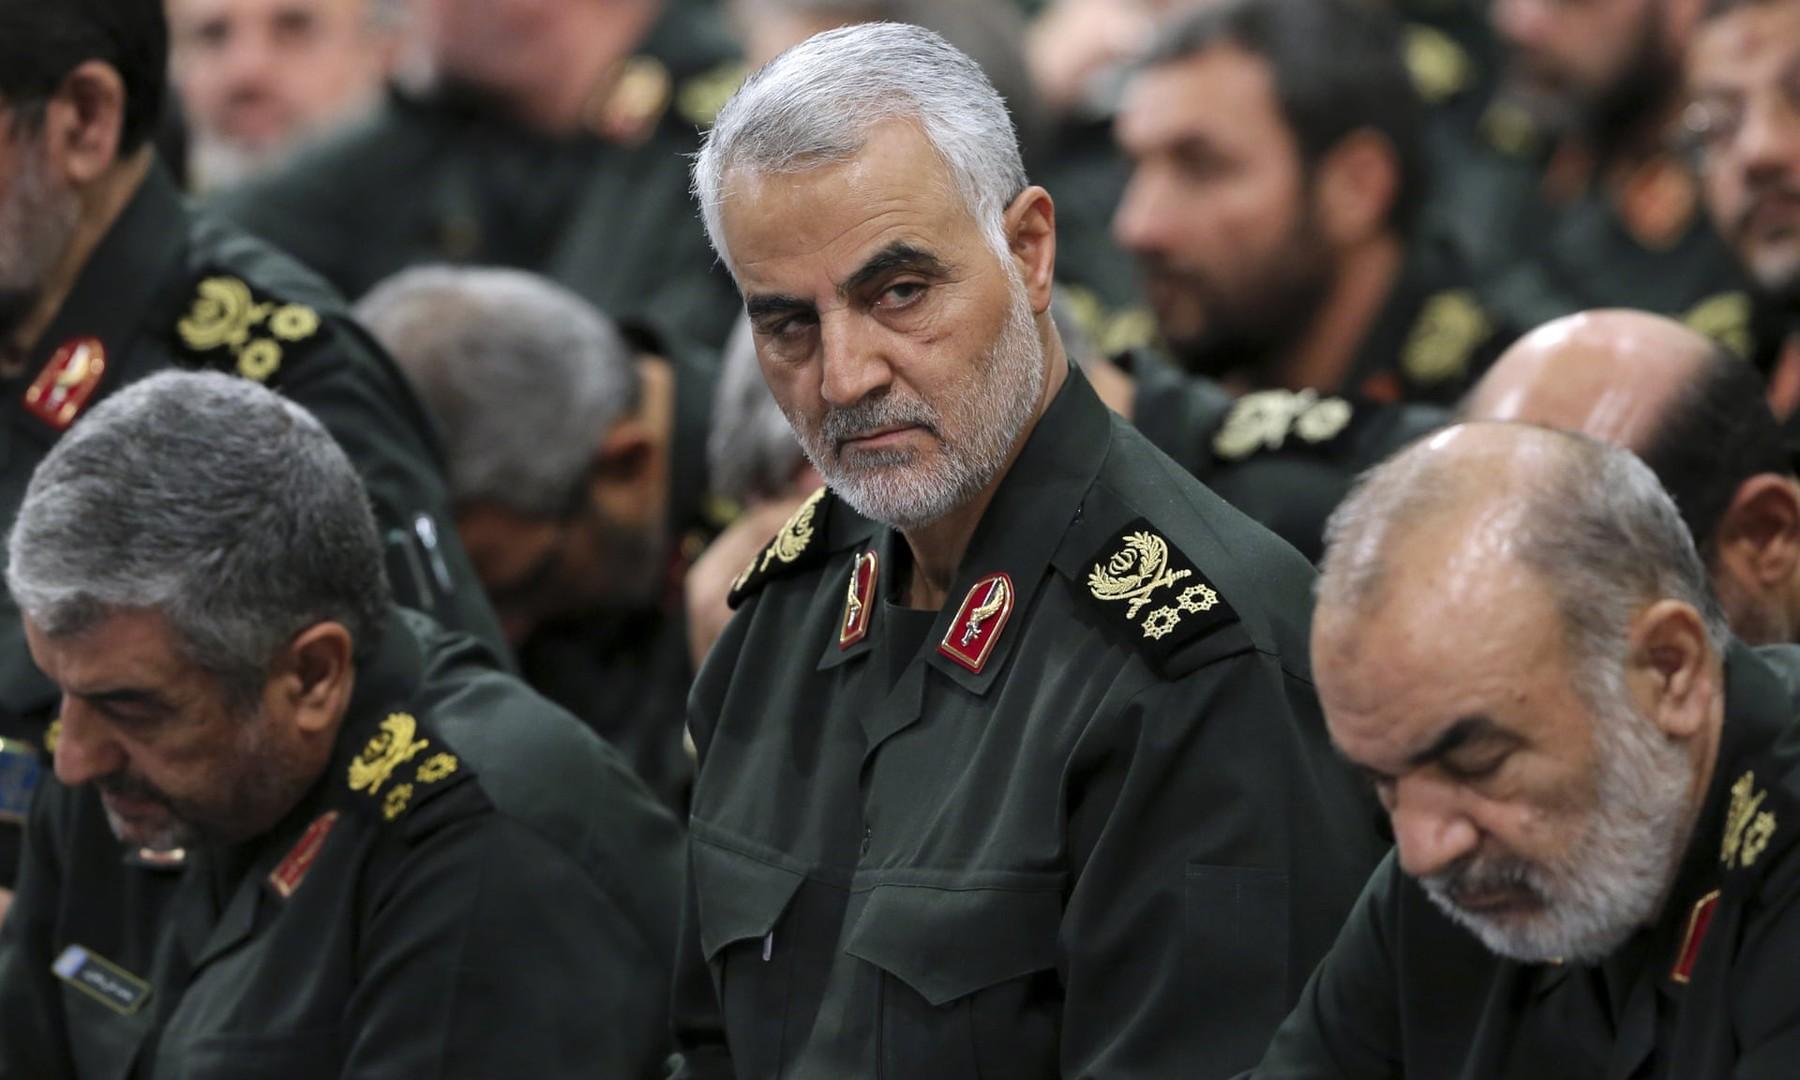 صحيفة بريطانية: سليماني أمر حلفاء إيران الإقليميين بالاستعداد للحرب